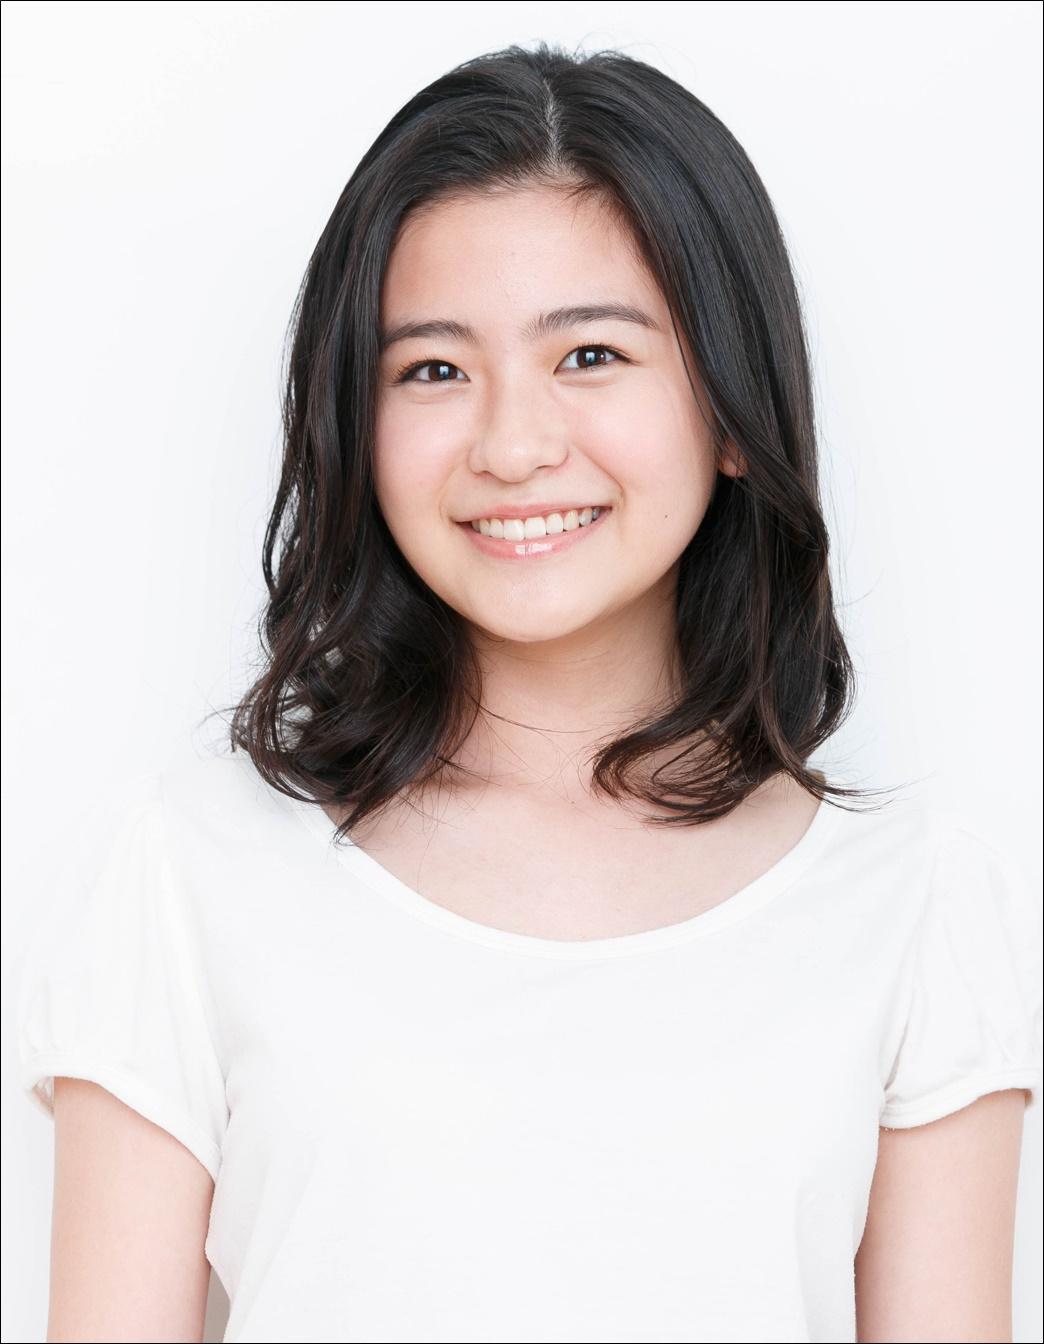 升澤理子 wiki